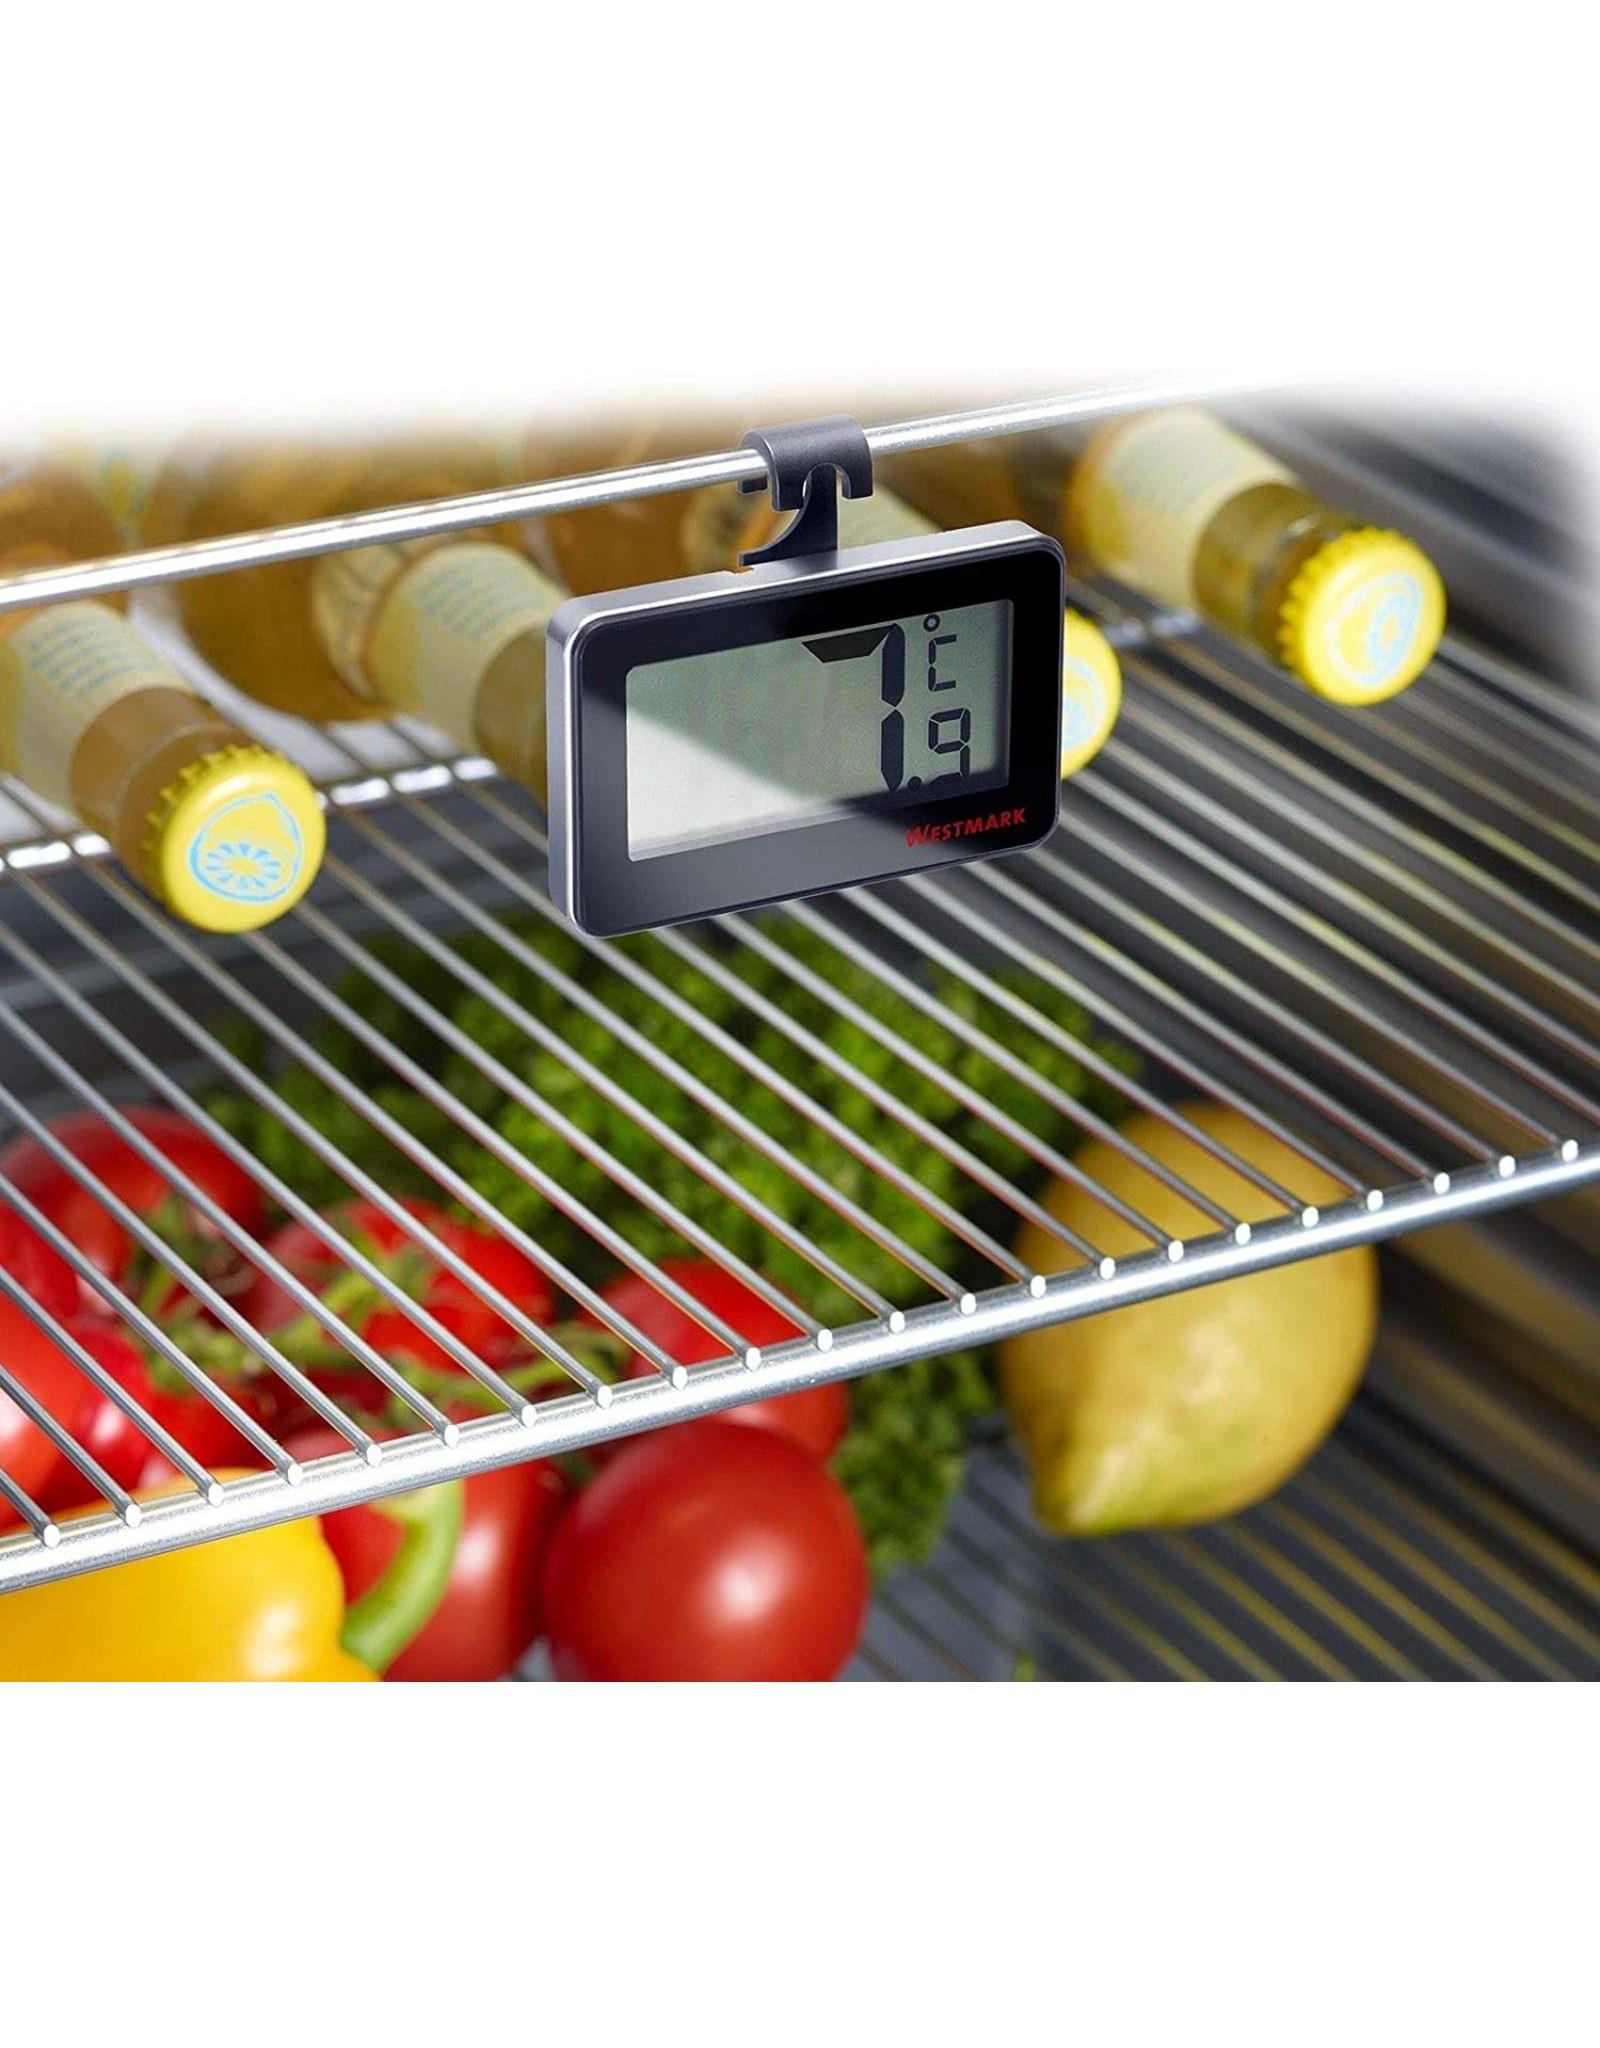 Westmark Digitale koelkastthermometer